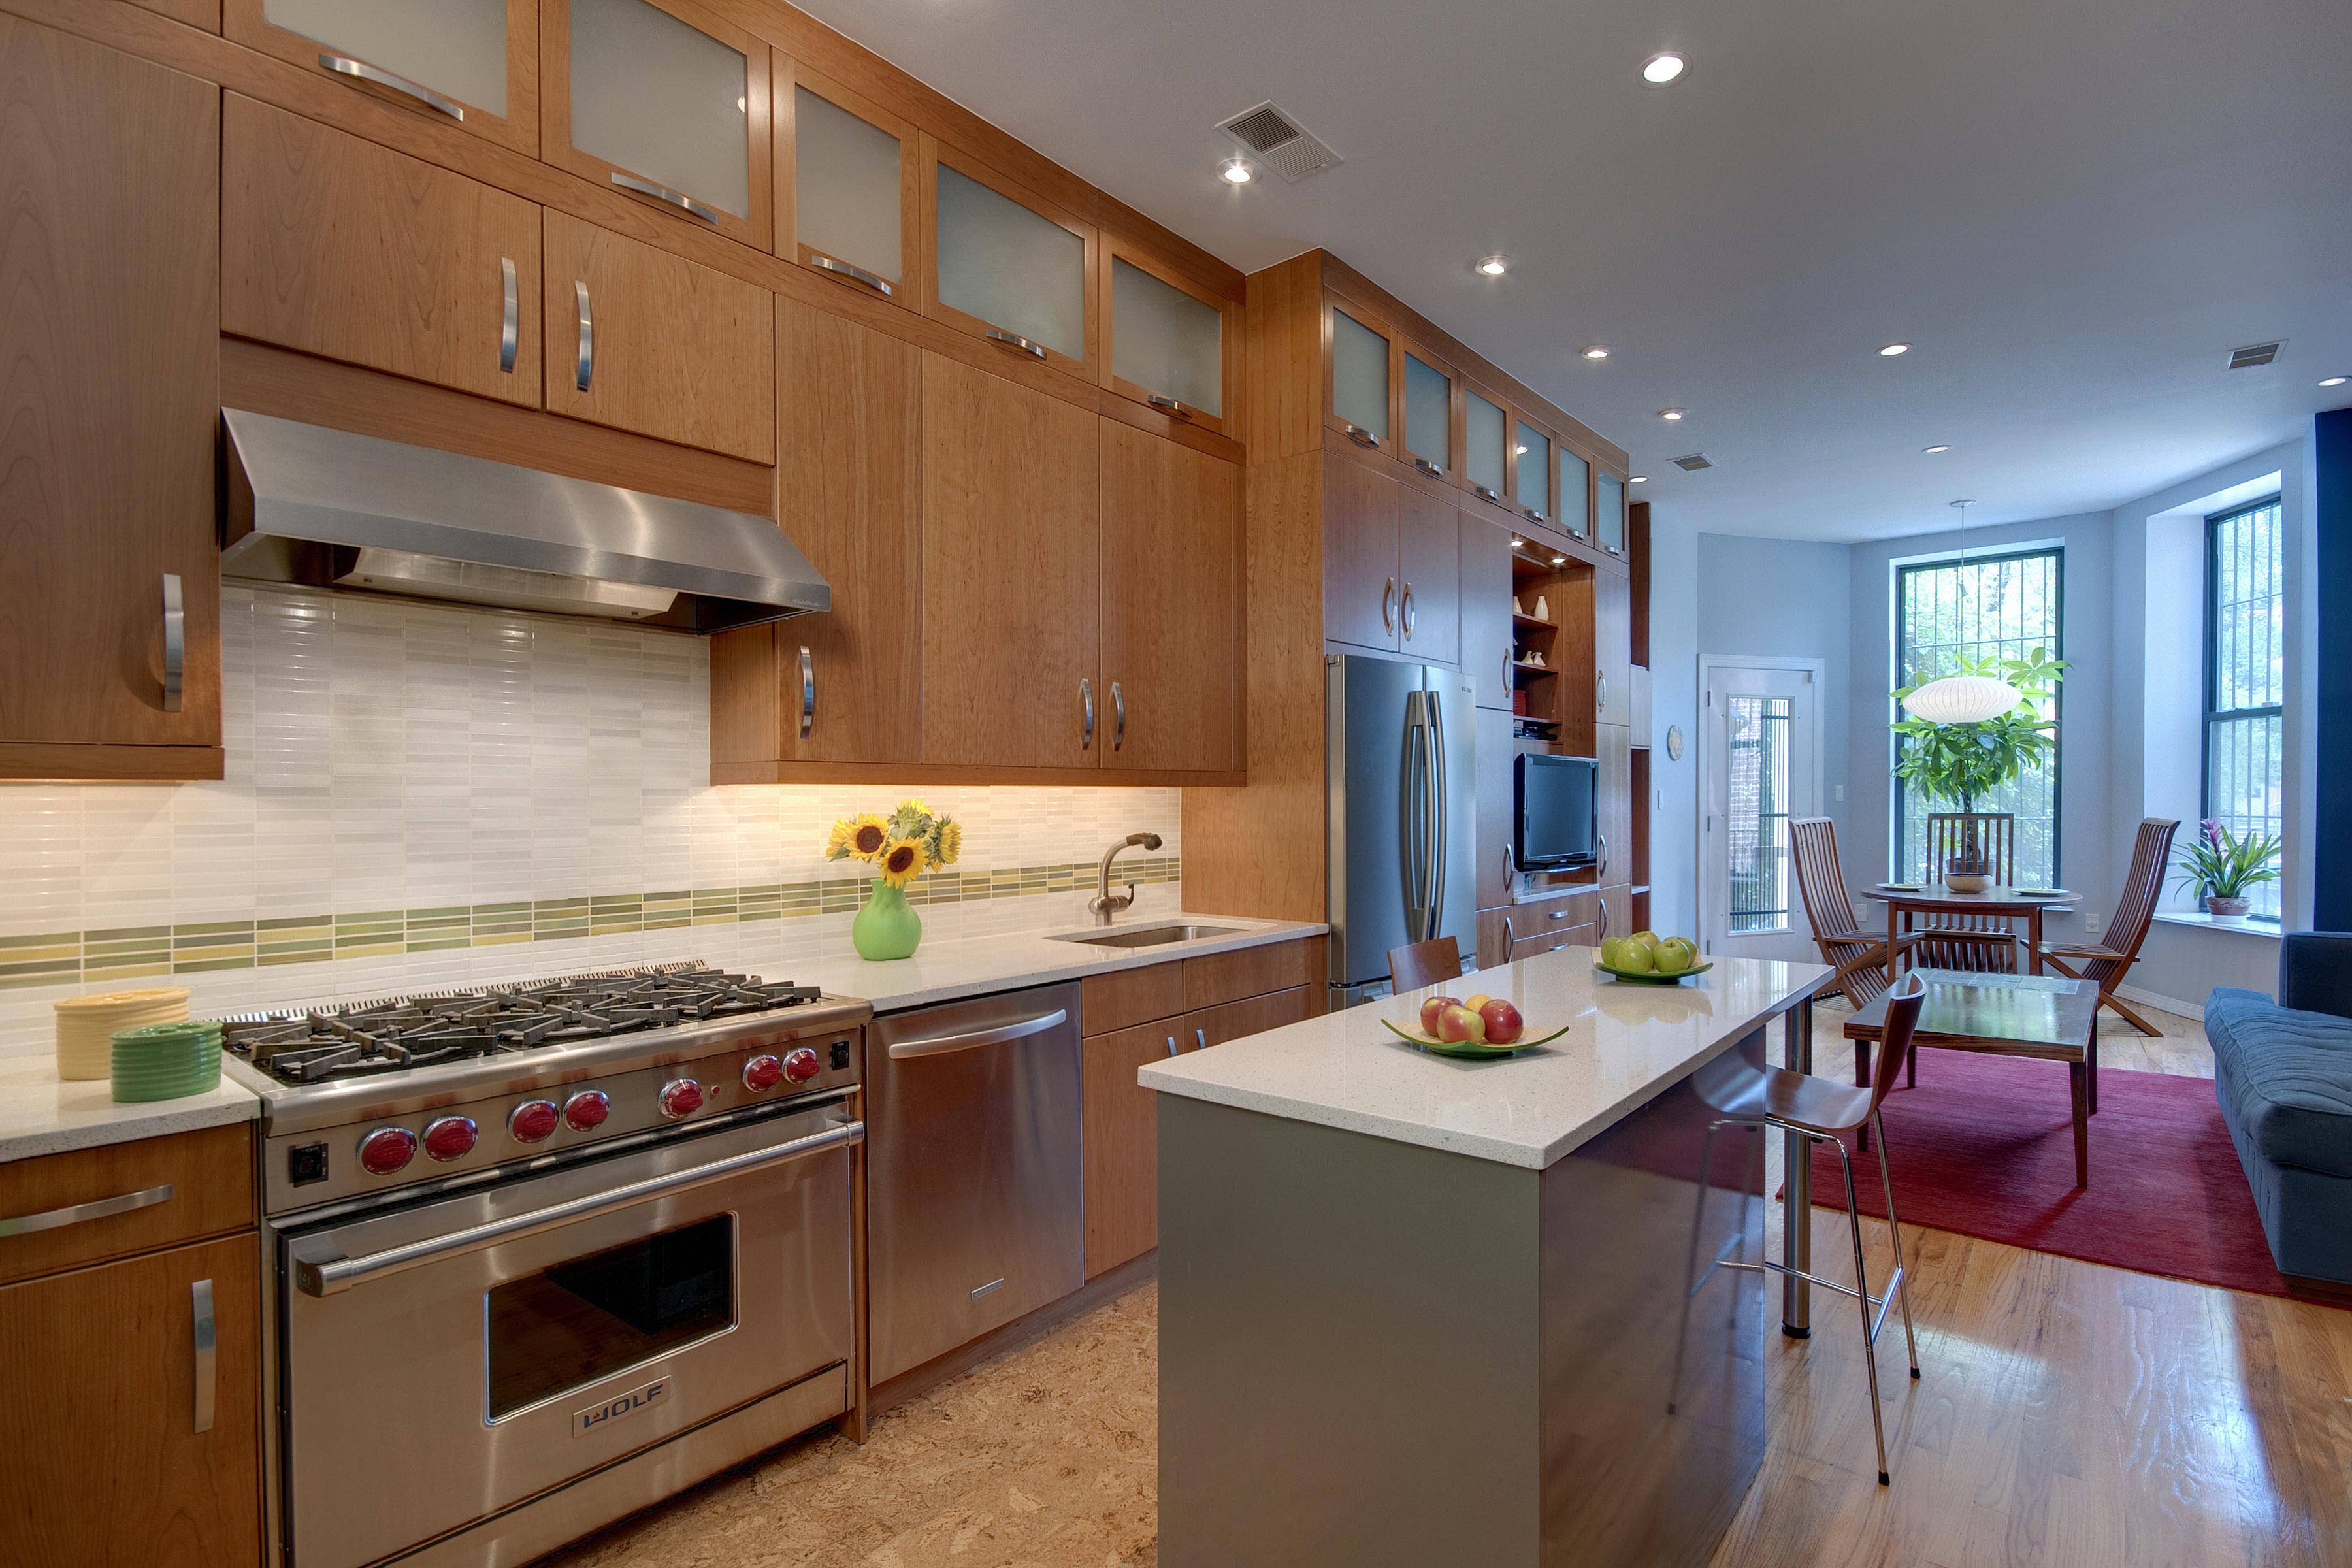 Чтобы в доме были деньги и хорошая аура: как вести хозяйство на кухне, согласно учению фен-шуй